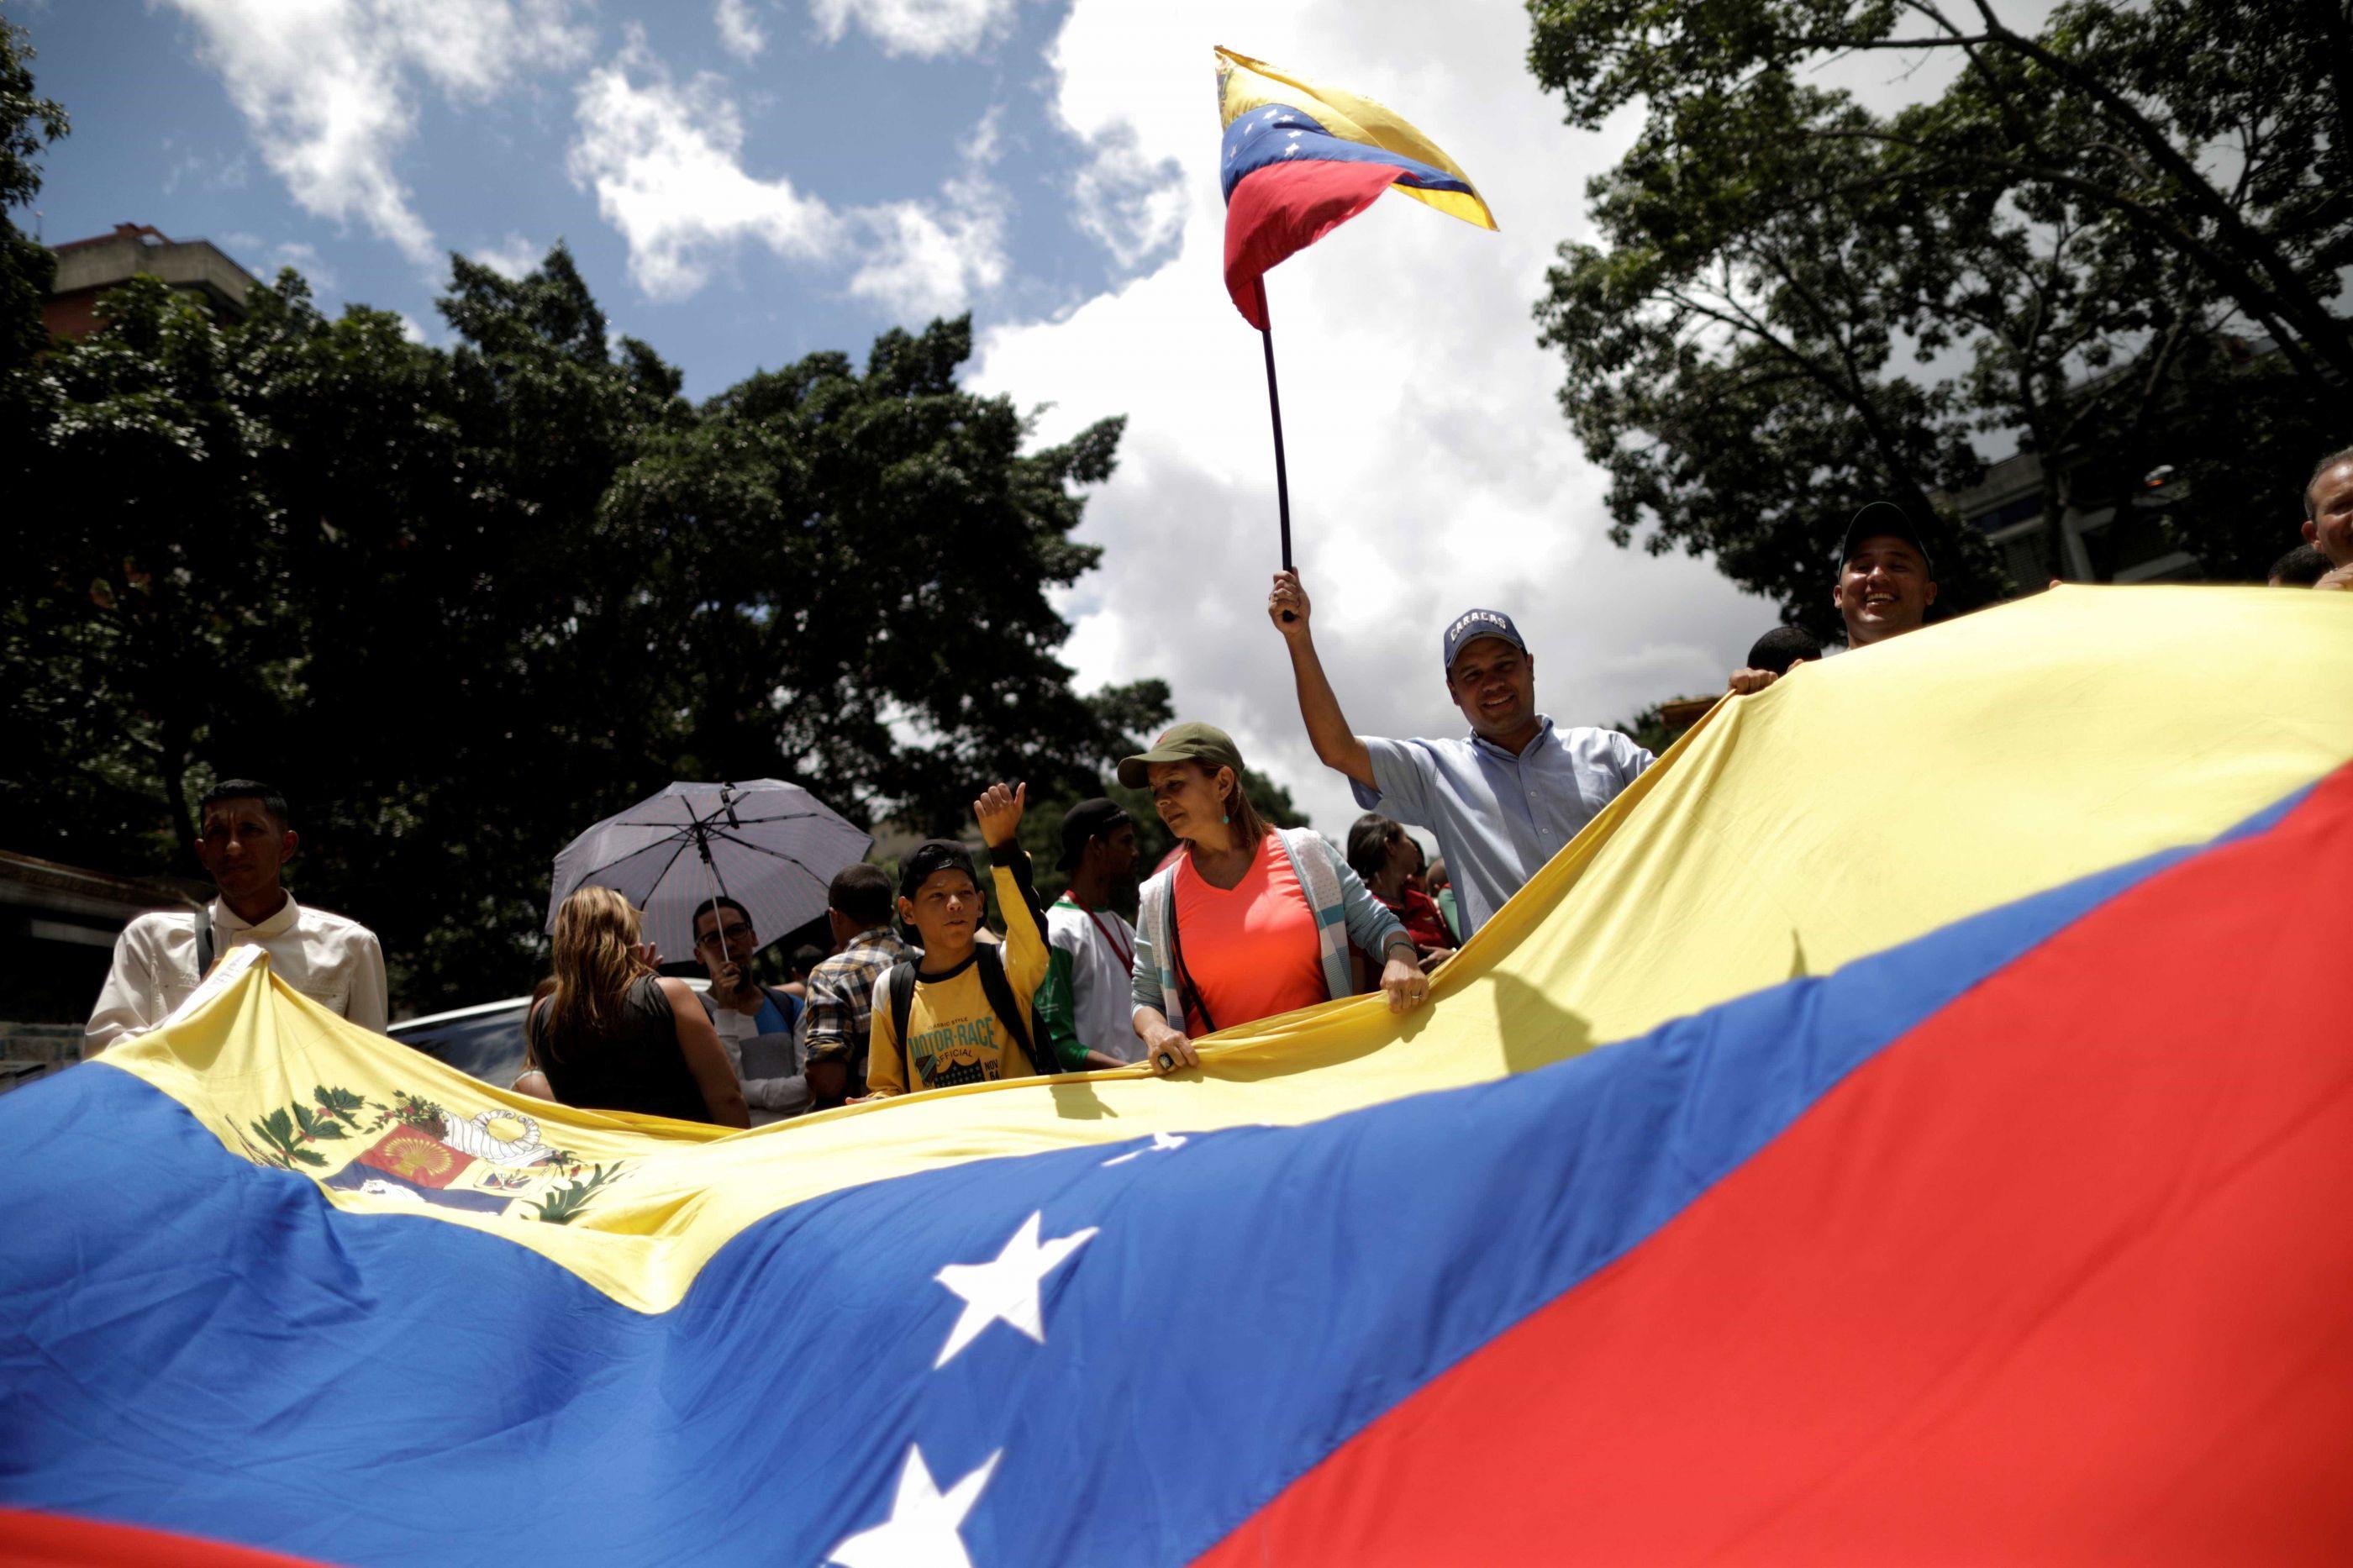 Seis mortos e 60 detidos em operação policial em Caracas